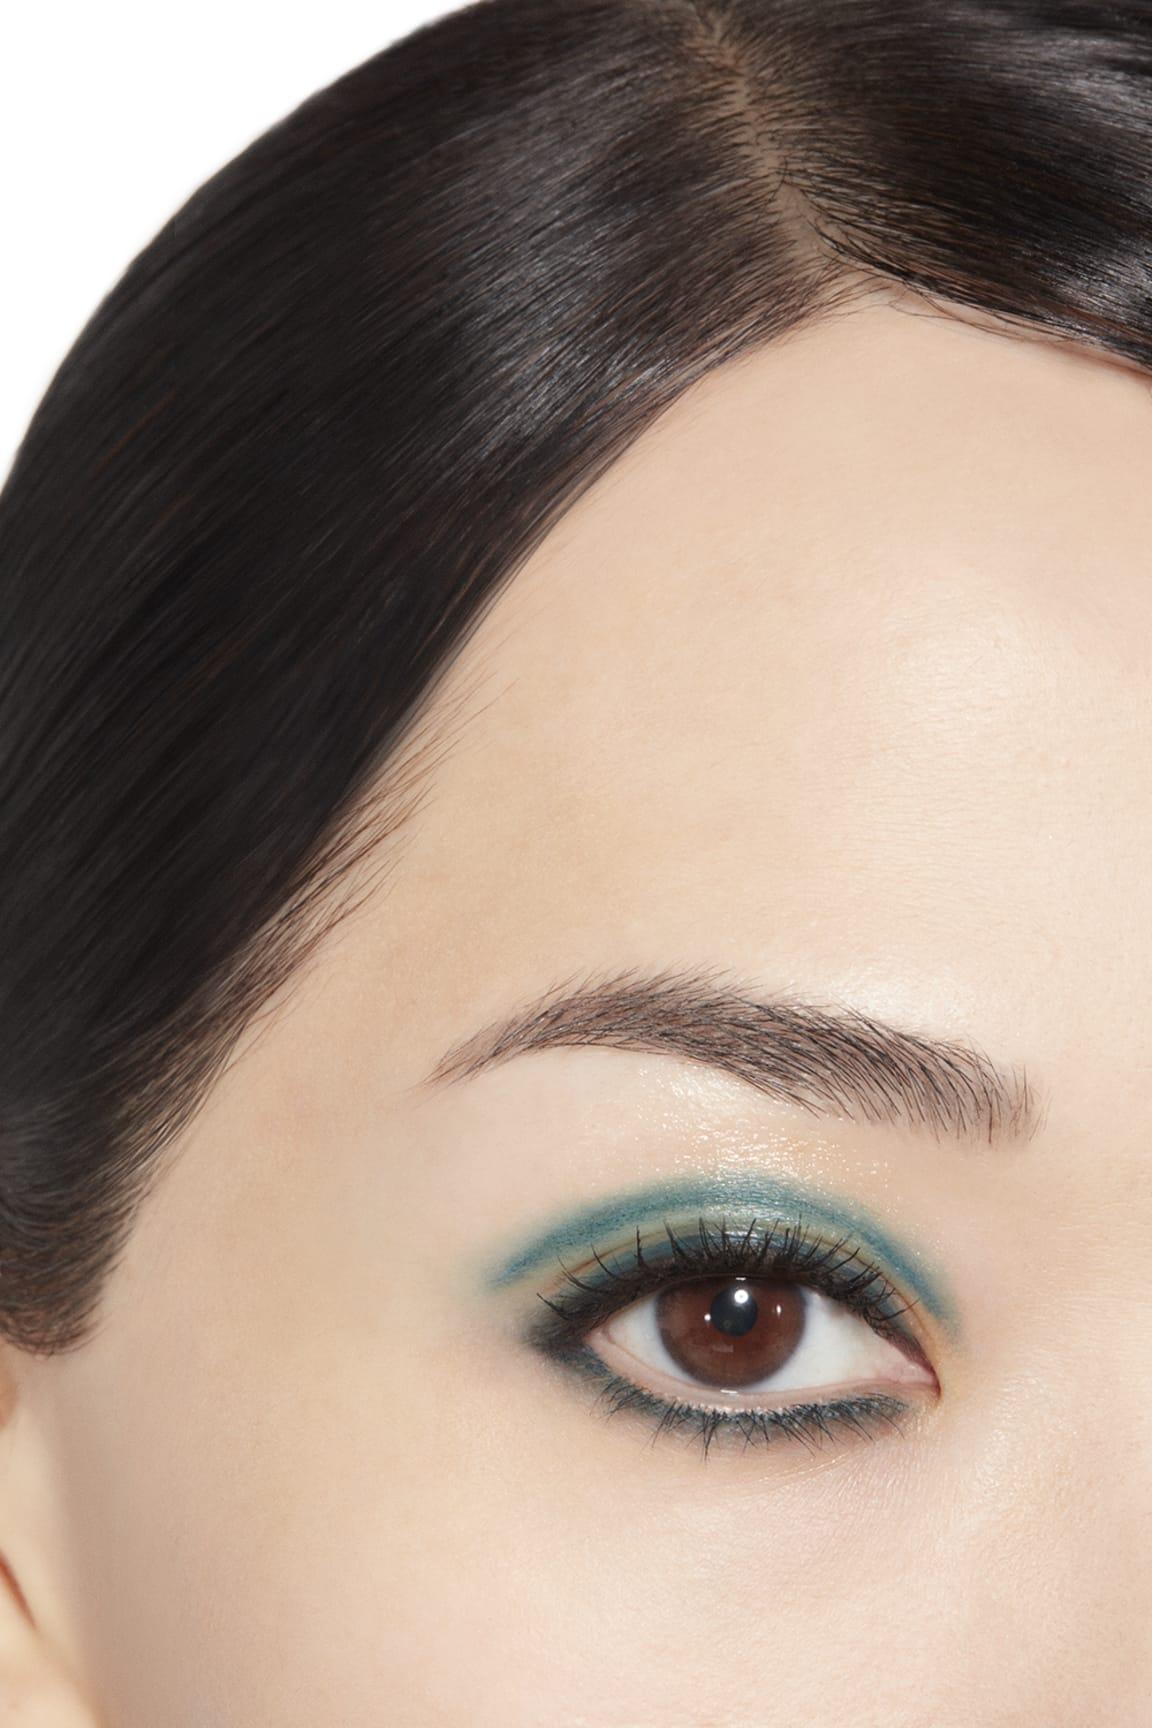 Application makeup visual 1 - STYLO OMBRE ET CONTOUR 02 - BLEU NUIT